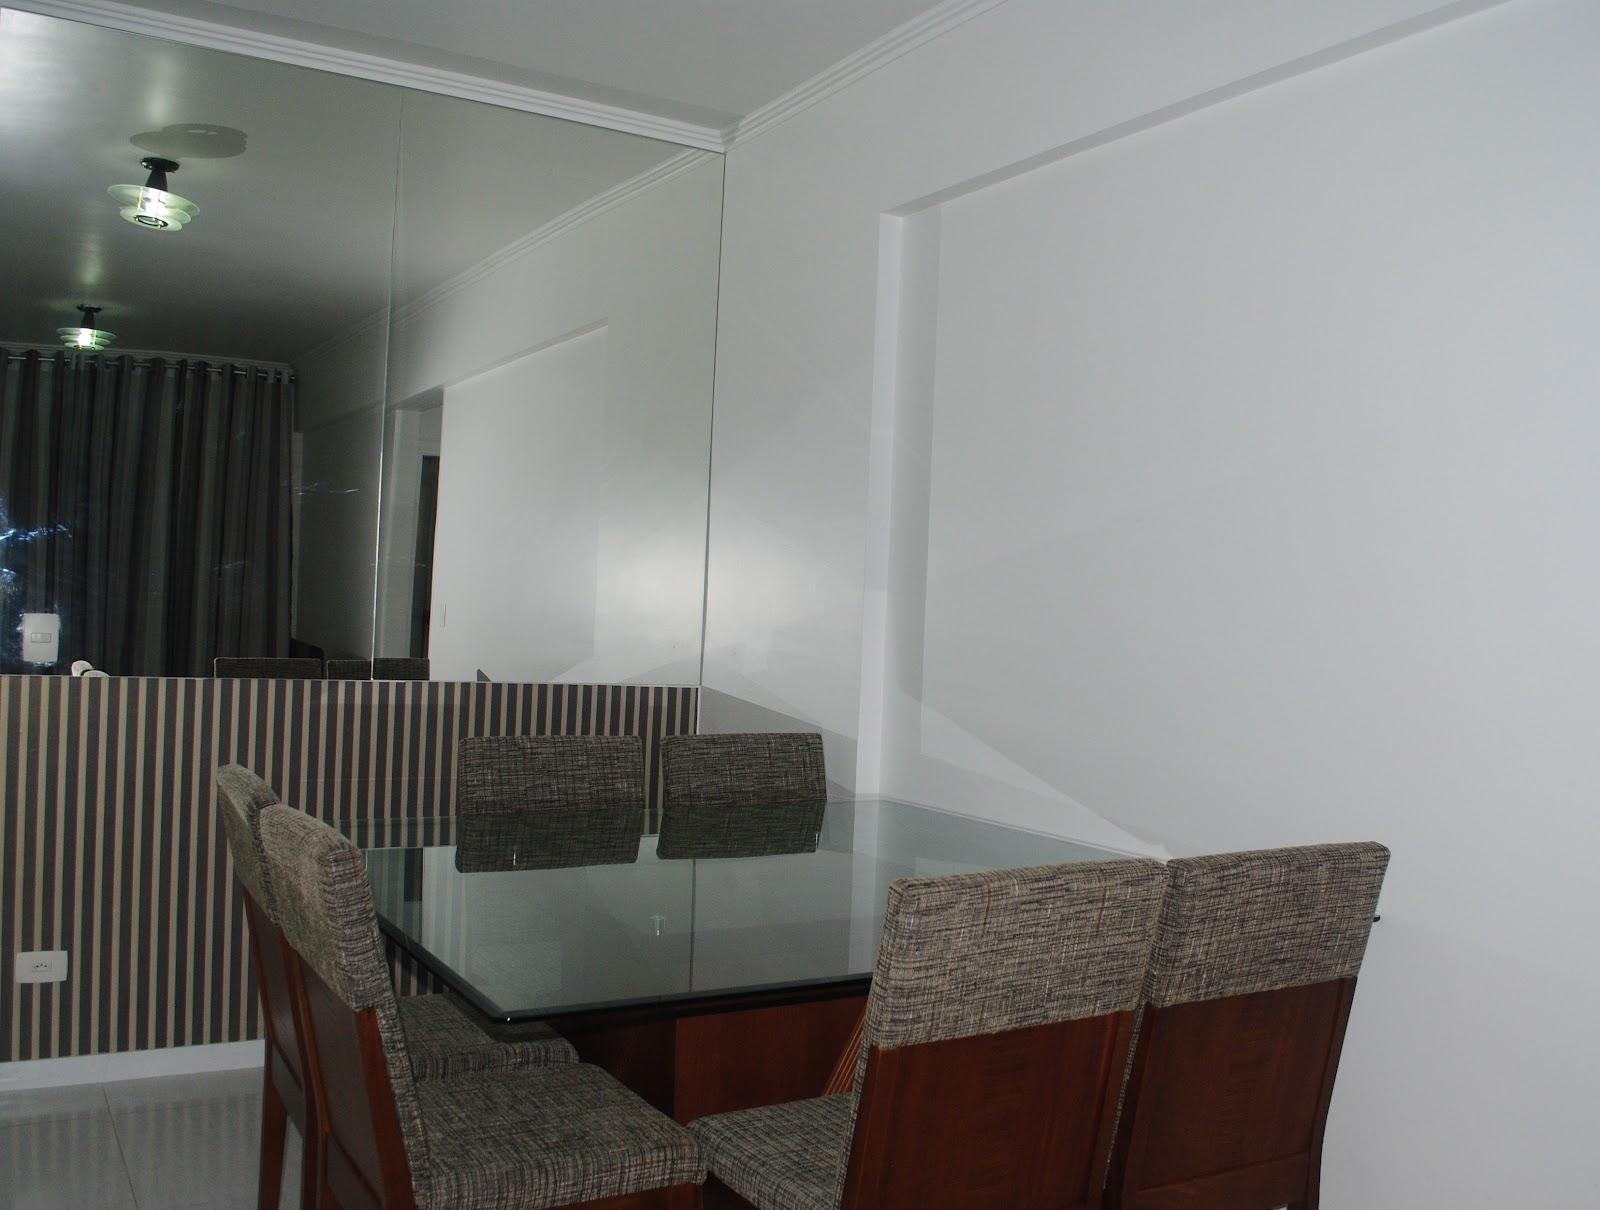 Espelho Parede Sala Jantar Aparadores Com Espelho Na Parede  -> Sala De Jantar Pequena Com Espelho Na Parede